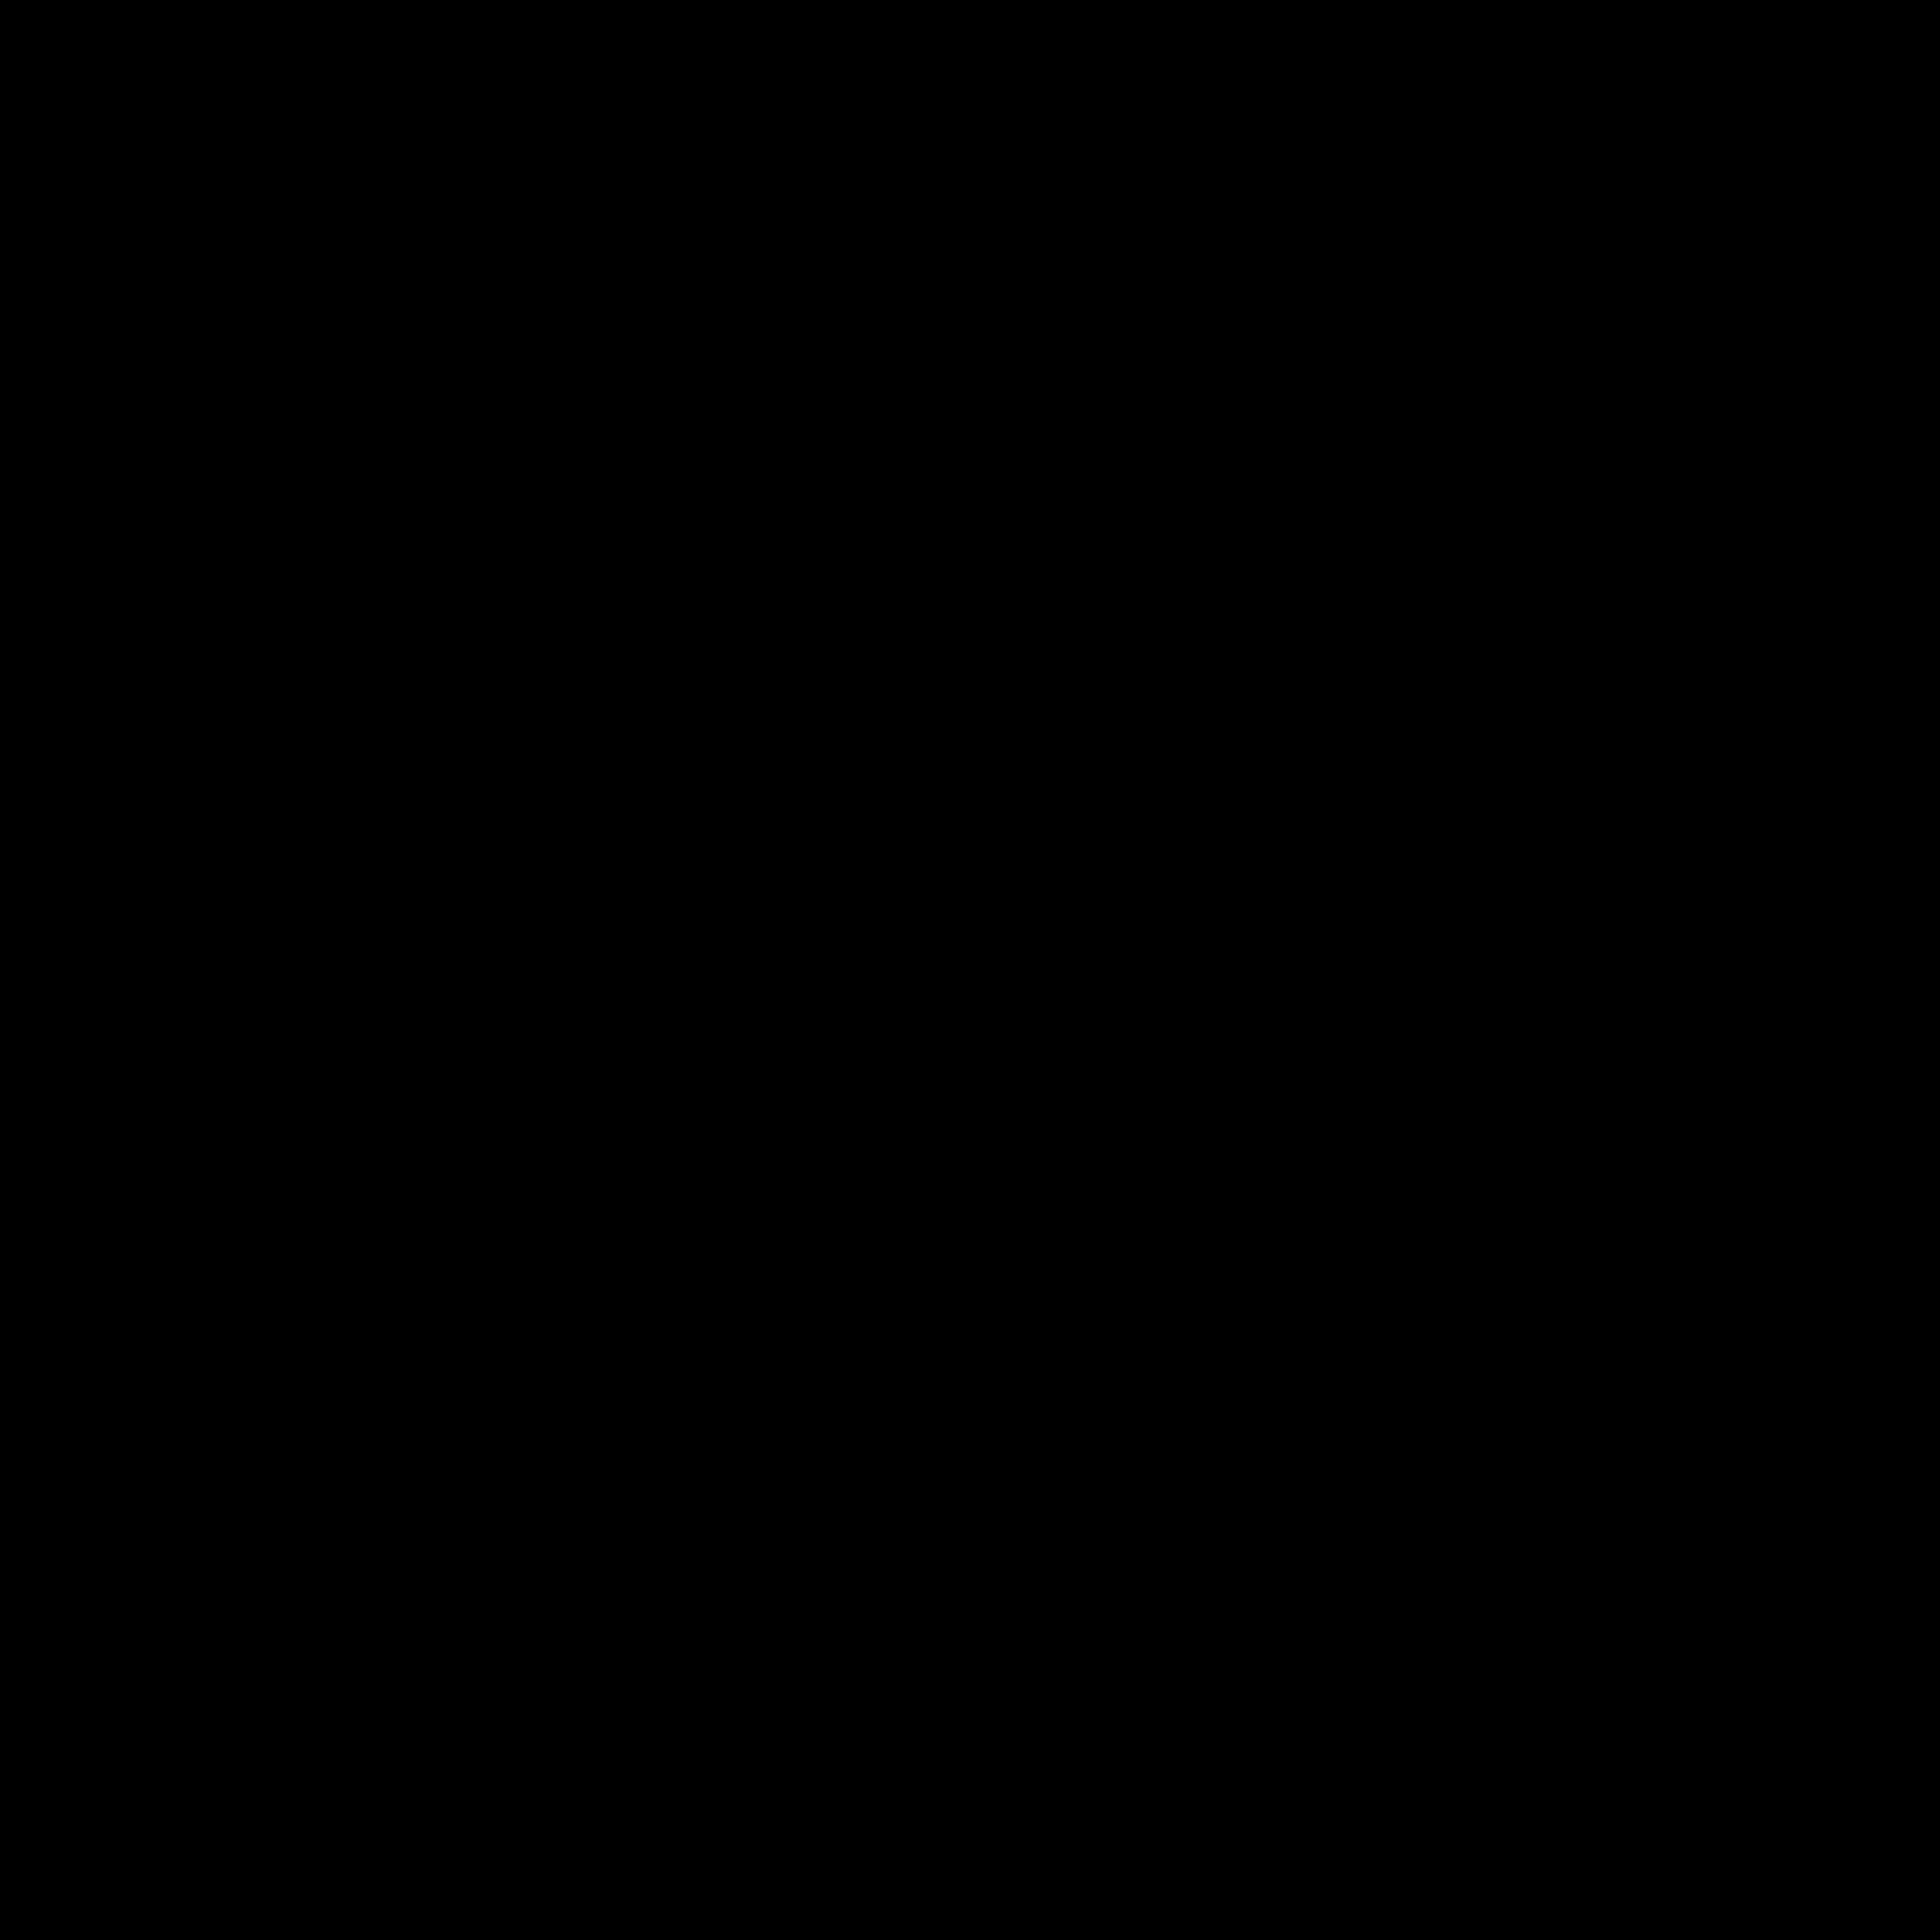 PushPull_Logo_Black_on_Transparent.png